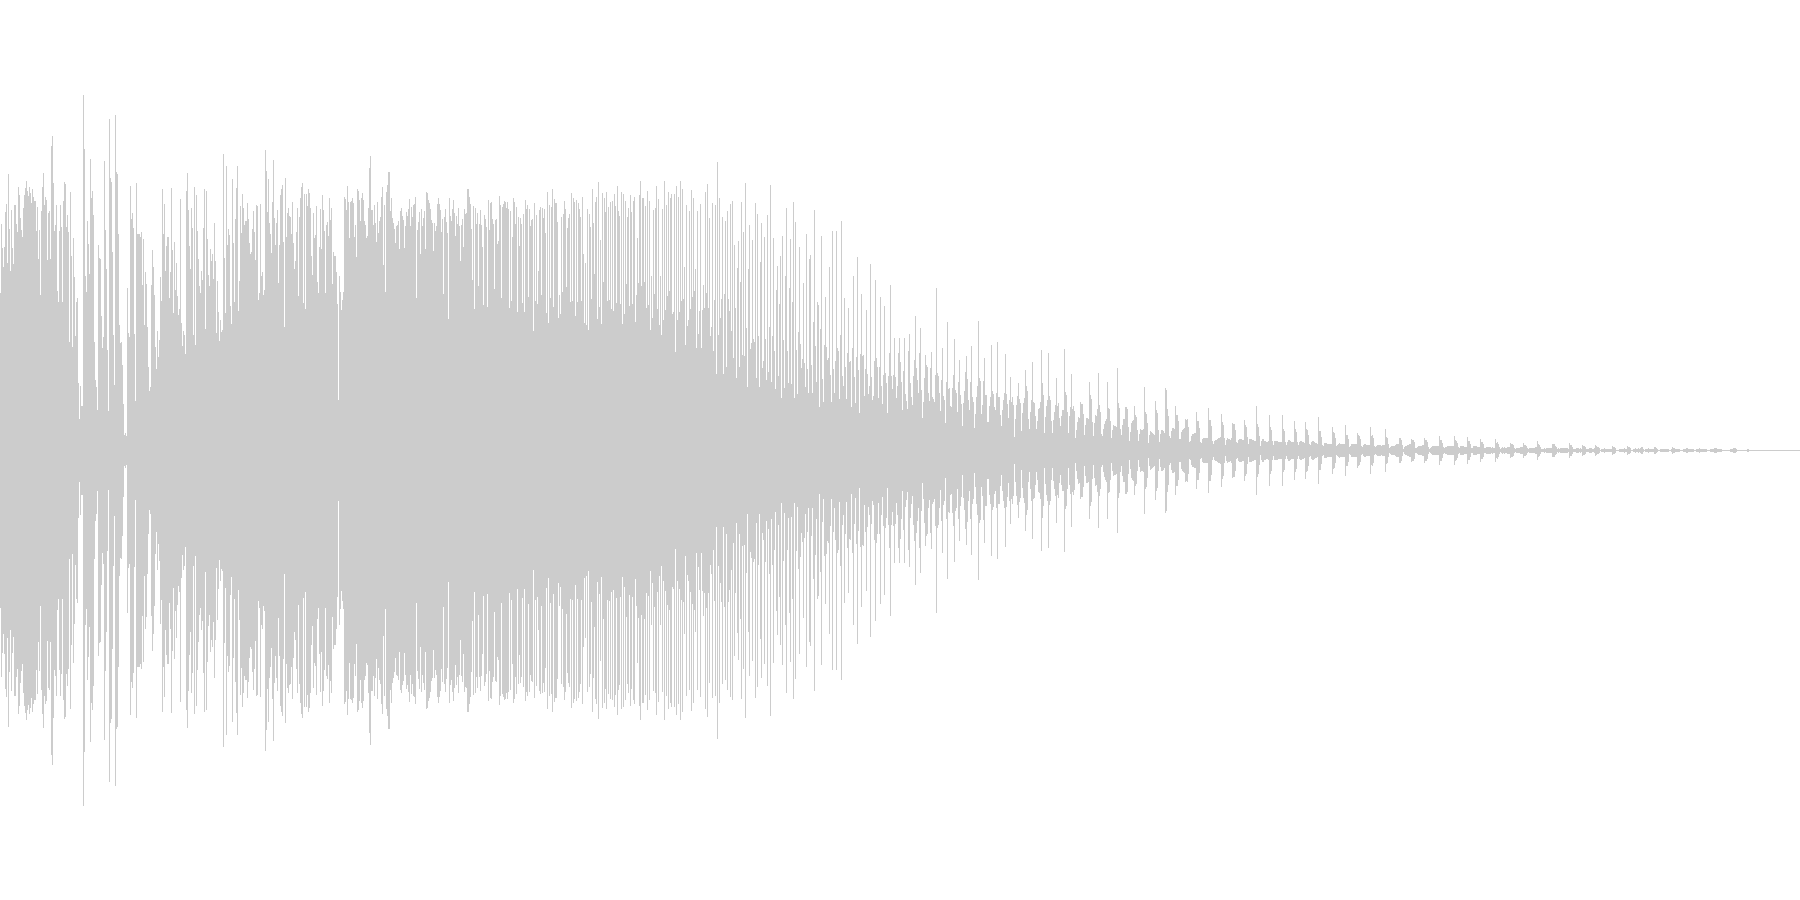 ズビジューン(ビームライフル風の射撃音)の未再生の波形